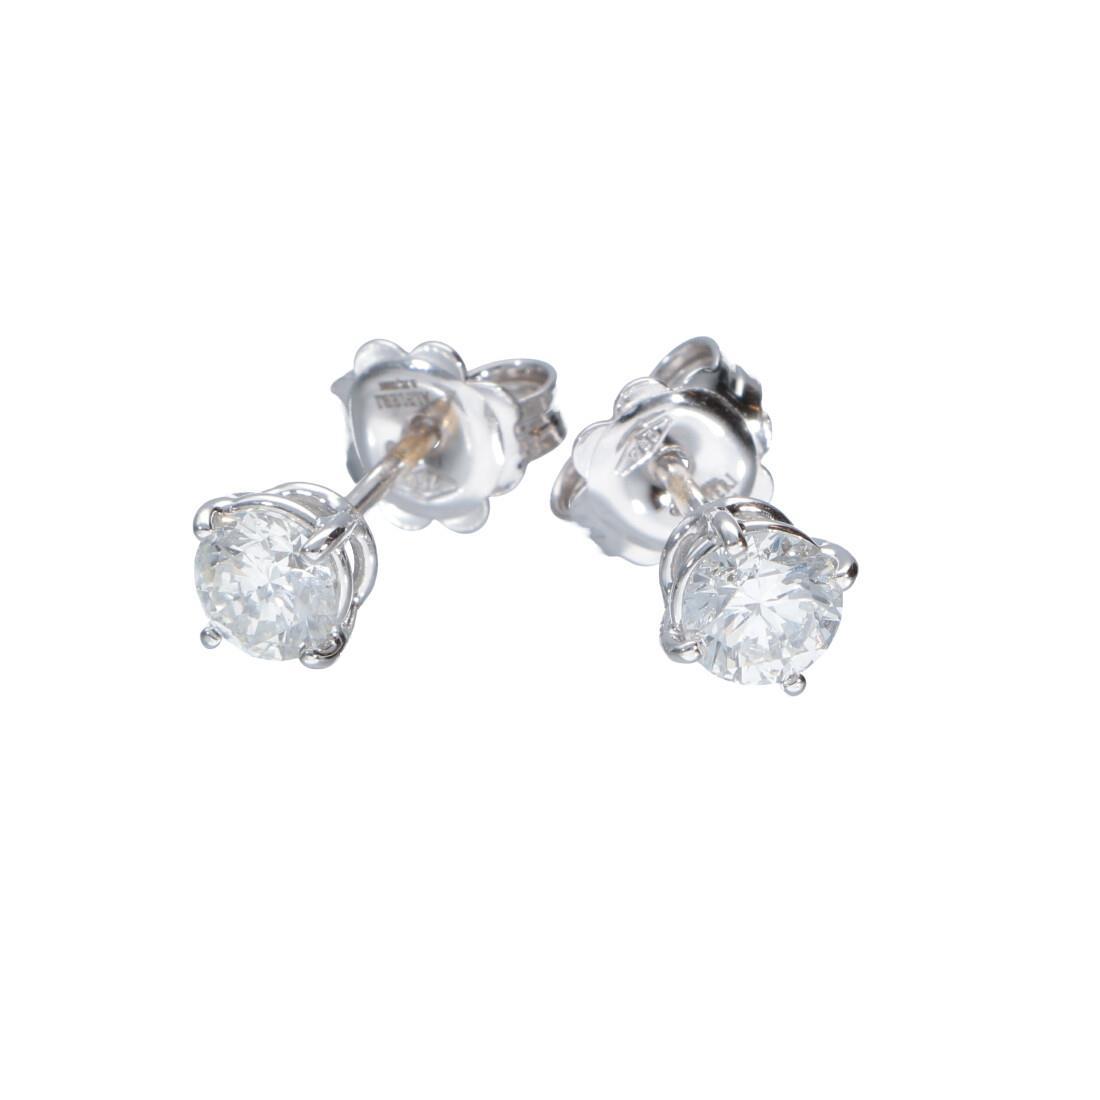 Orecchini punto luce in oro bianco con diamanti 1.06 ct - ALFIERI & ST. JOHN